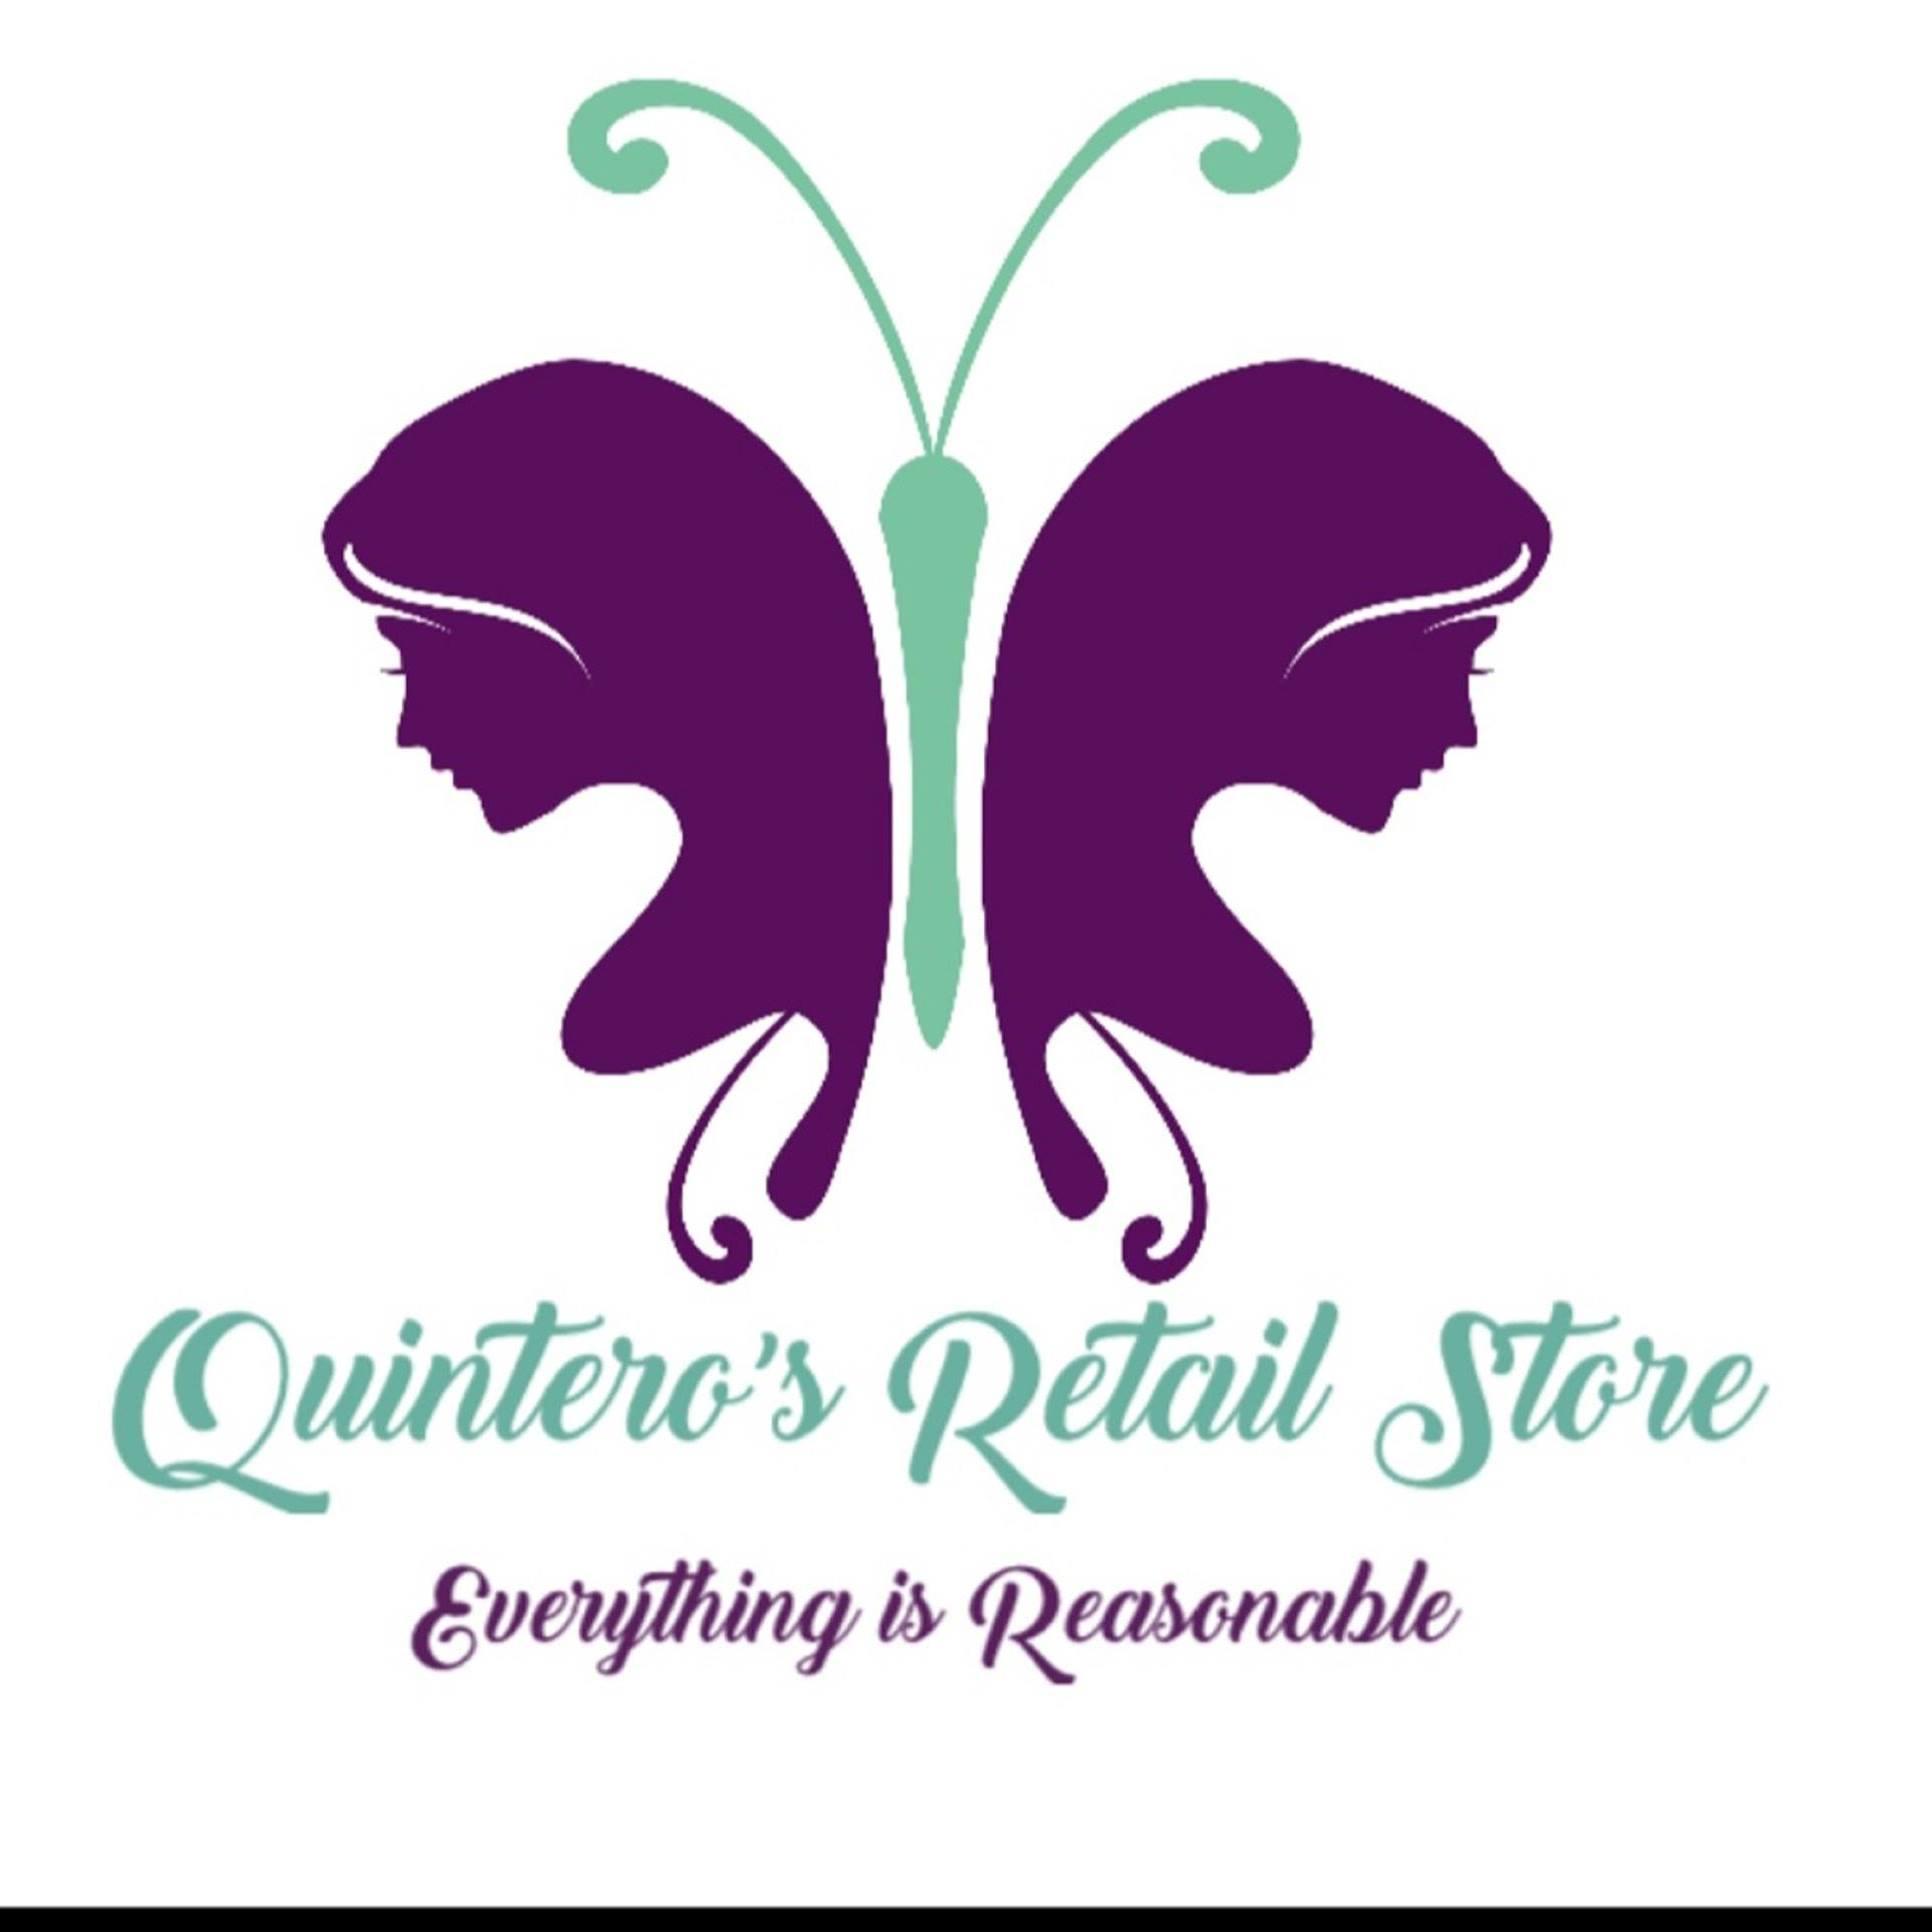 Quintero's Discount Store